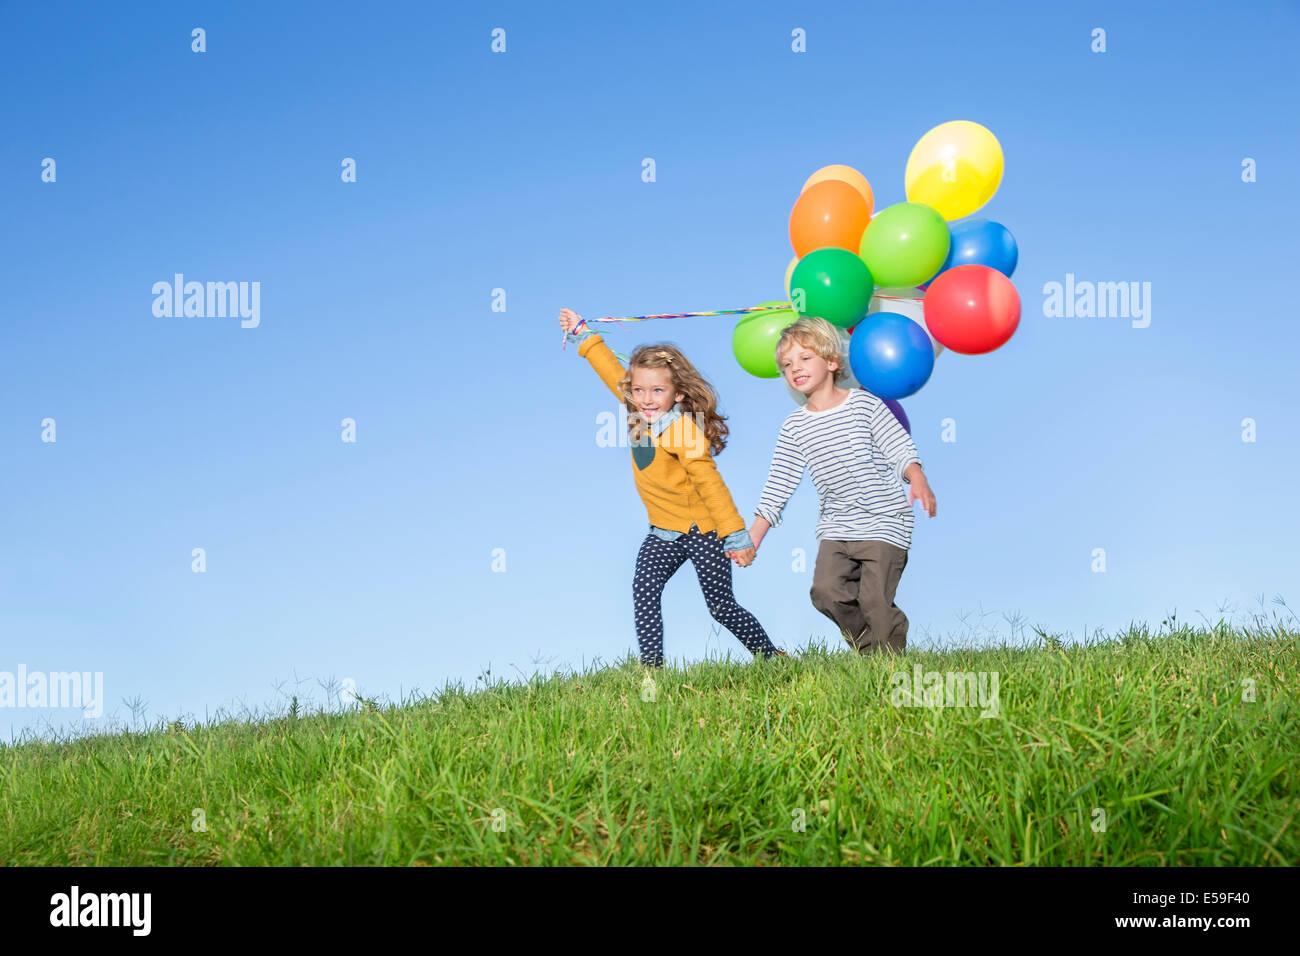 Los niños con montón de globos en grassy hill Imagen De Stock